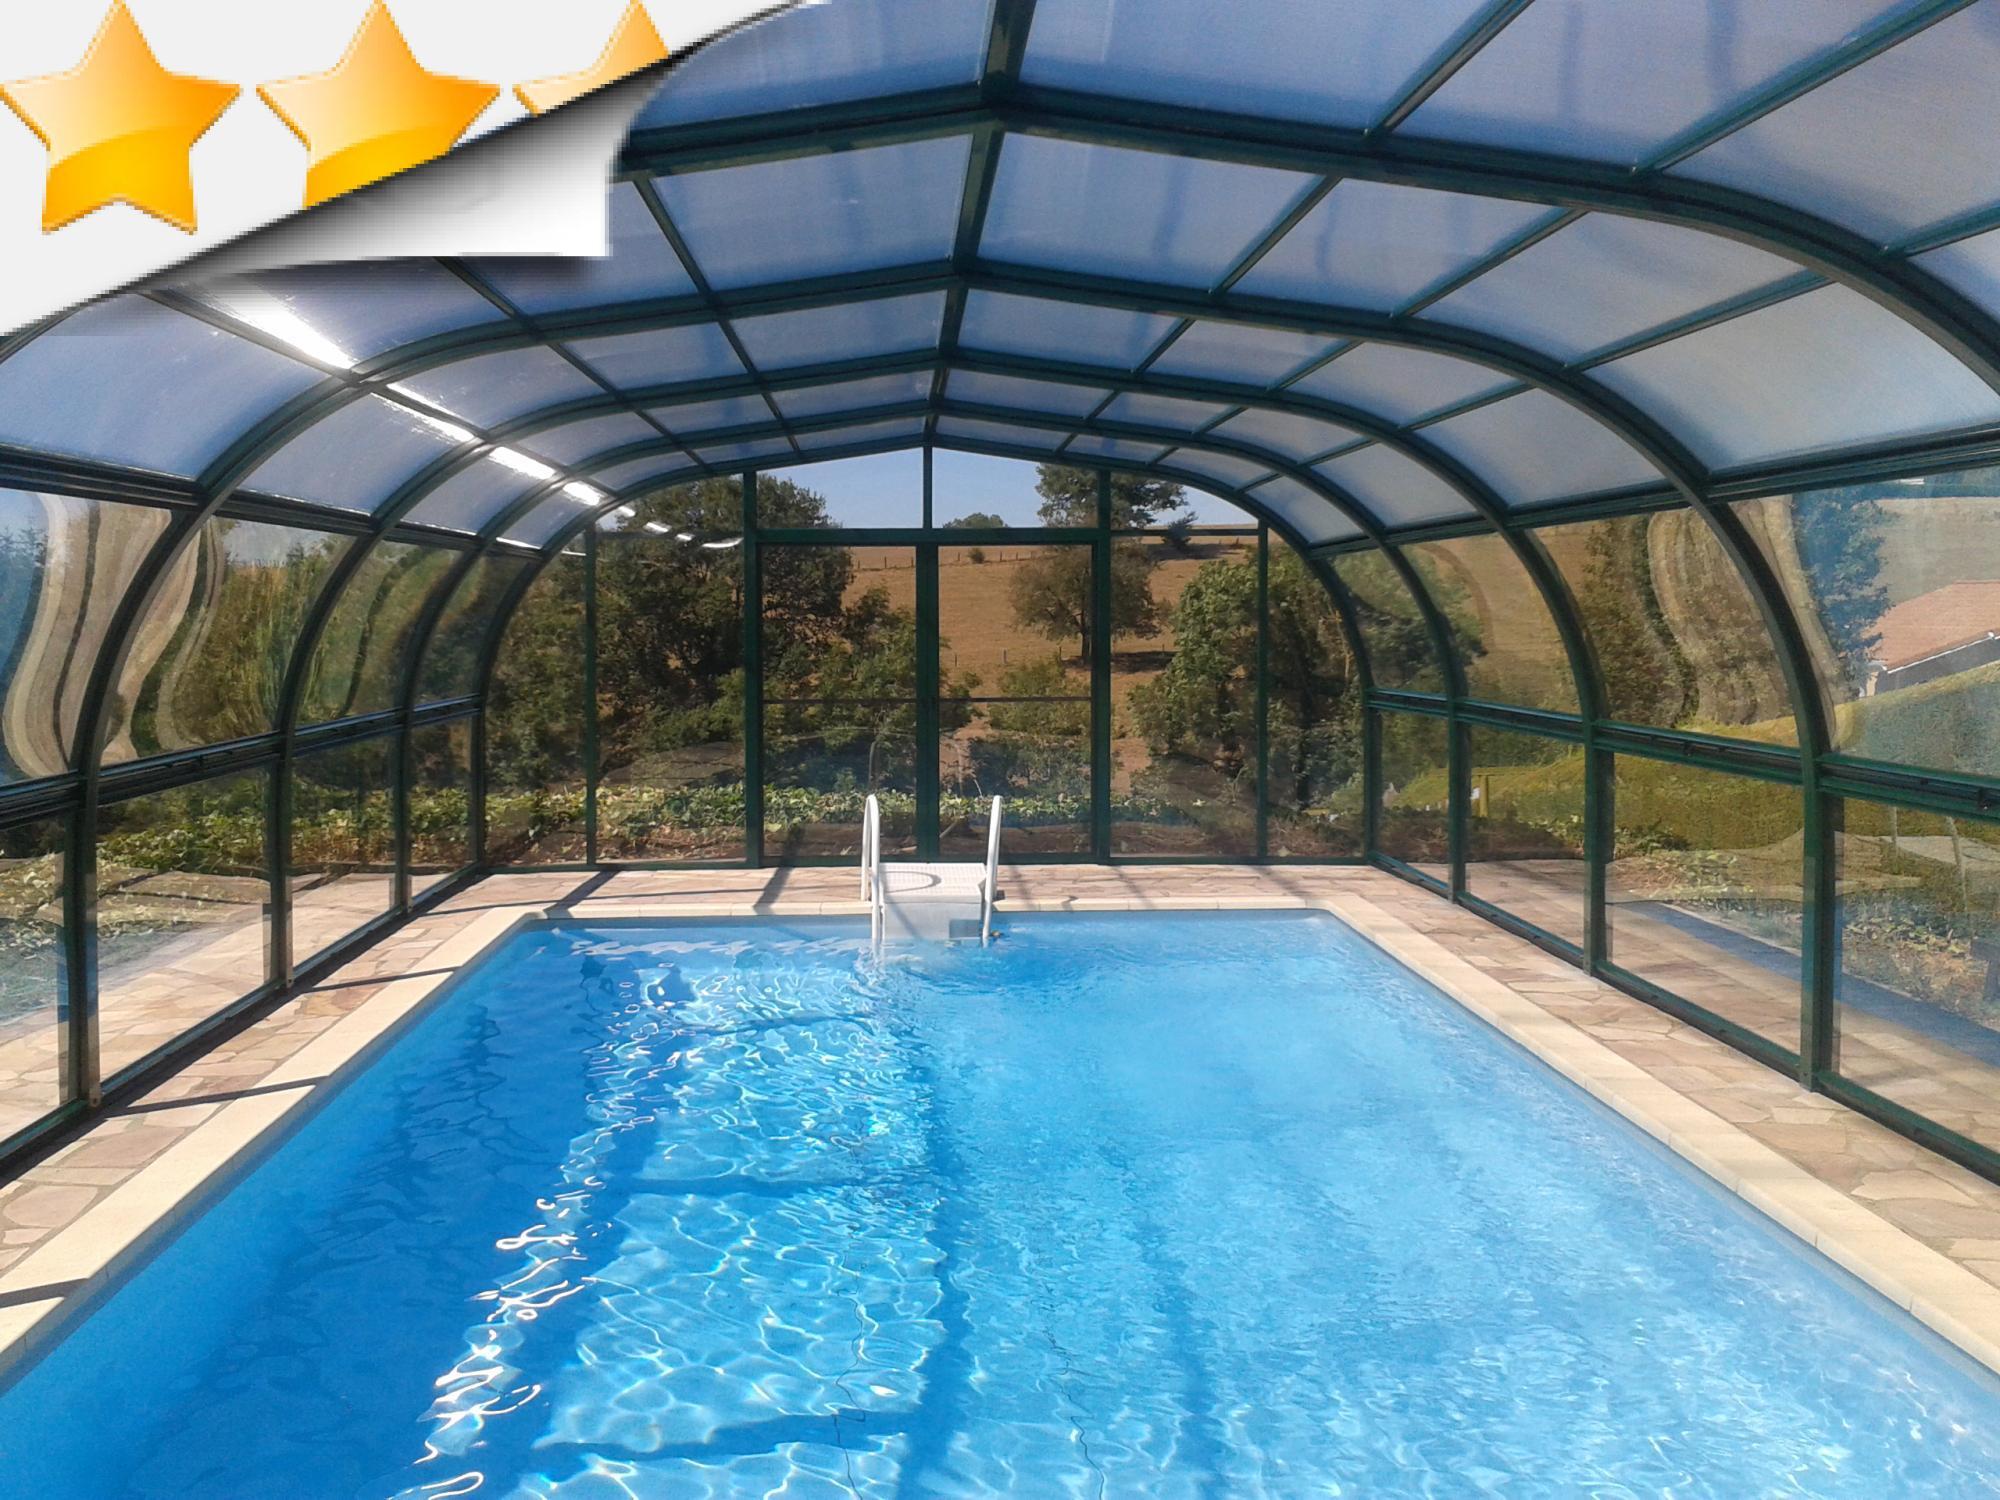 Vente abri de piscine par lpc for Conception piscine